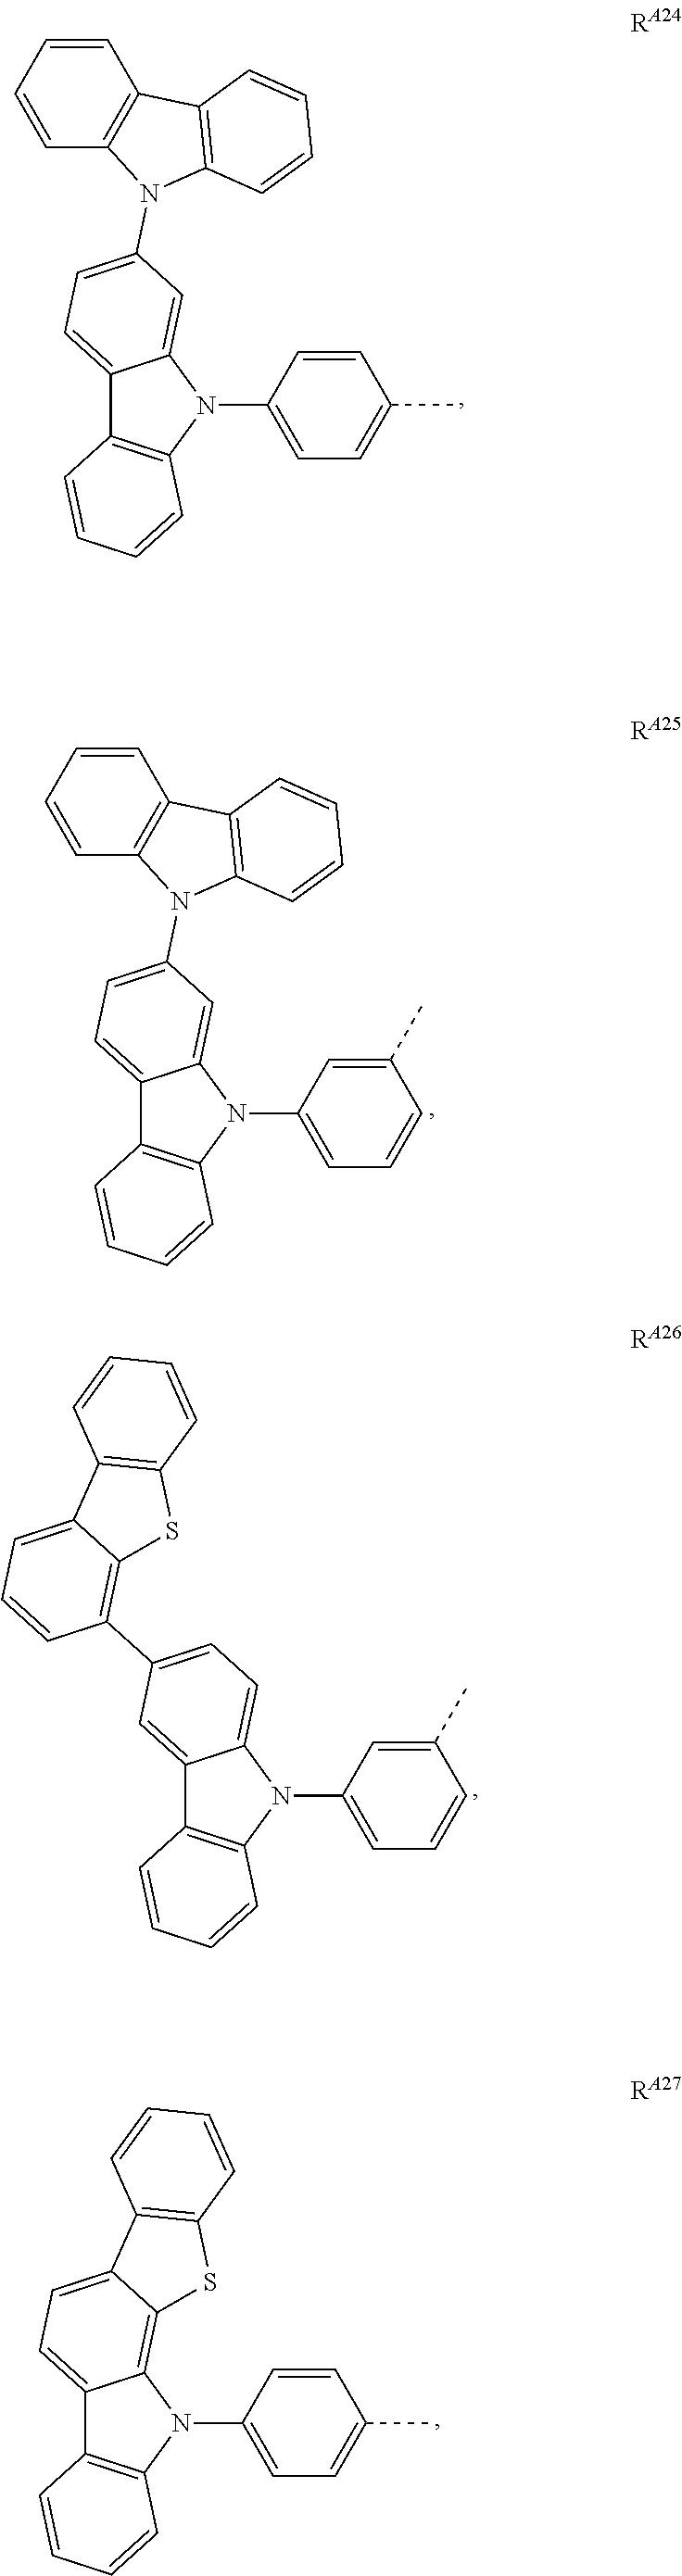 Figure US09761814-20170912-C00009